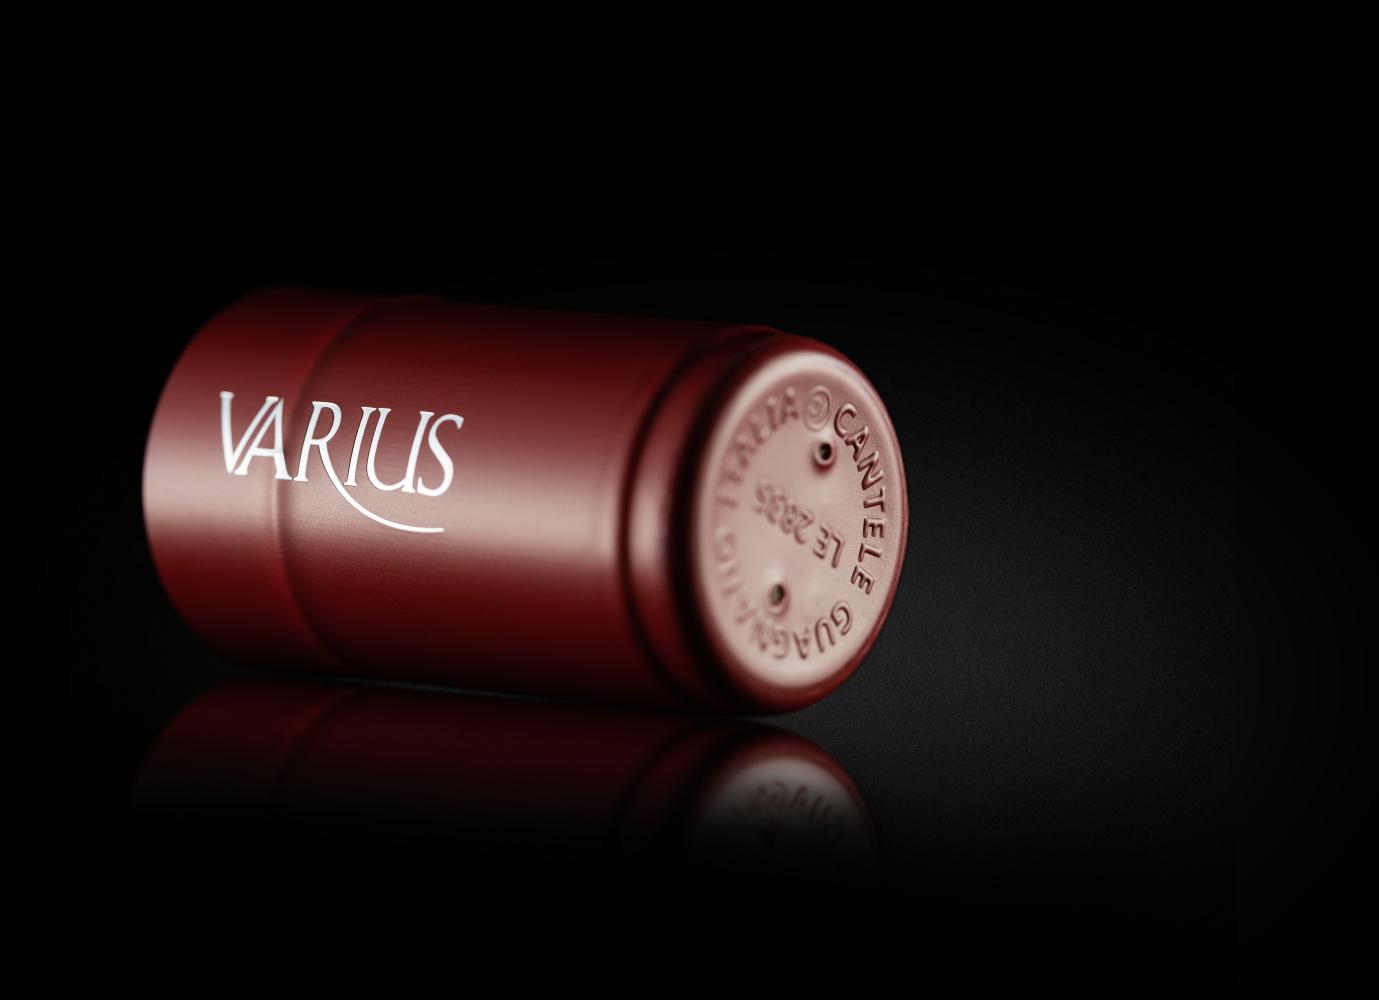 VARIUS CAPSULA 001